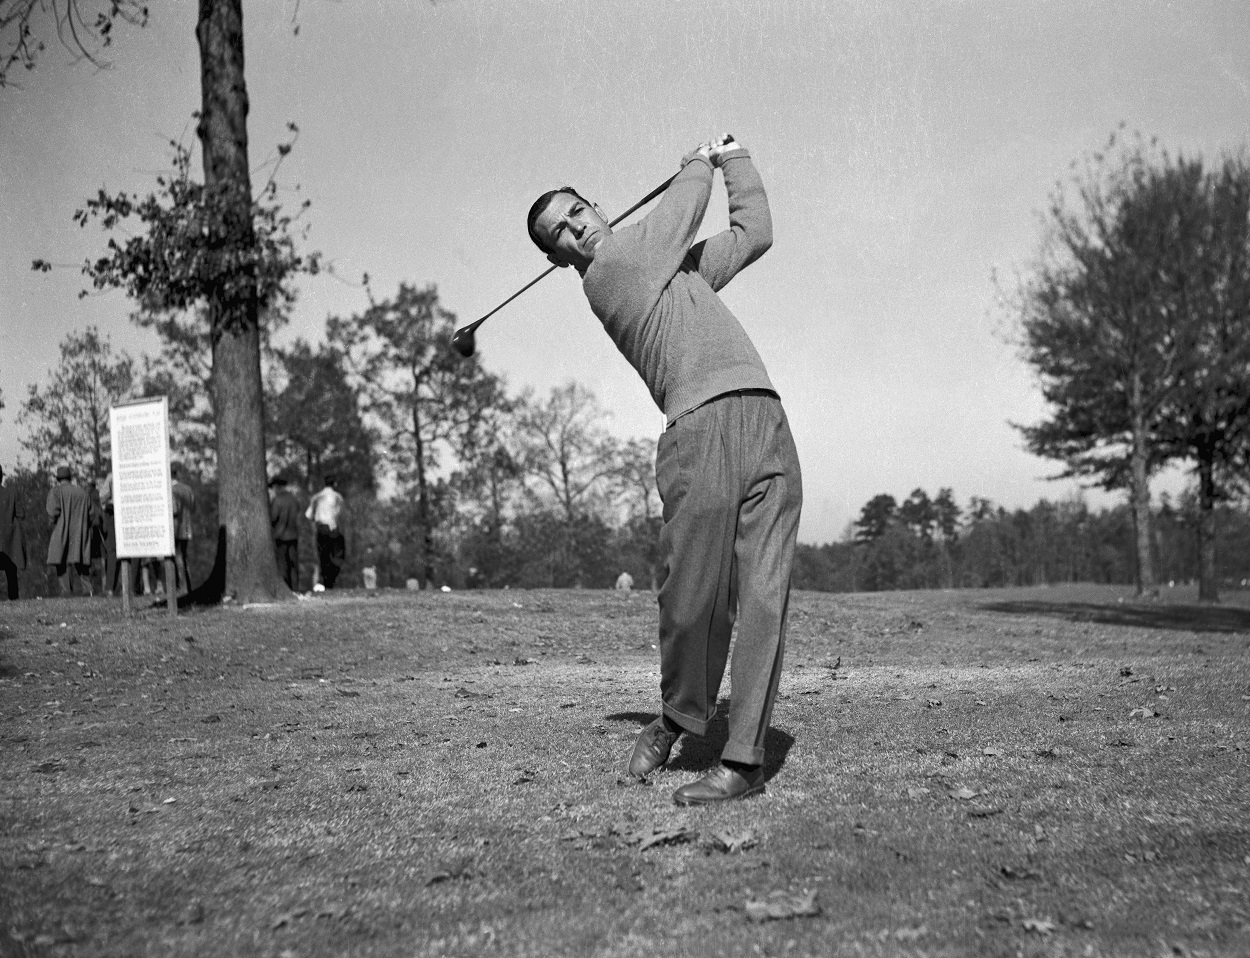 Ben Hogan at the 1950 U.S. Open